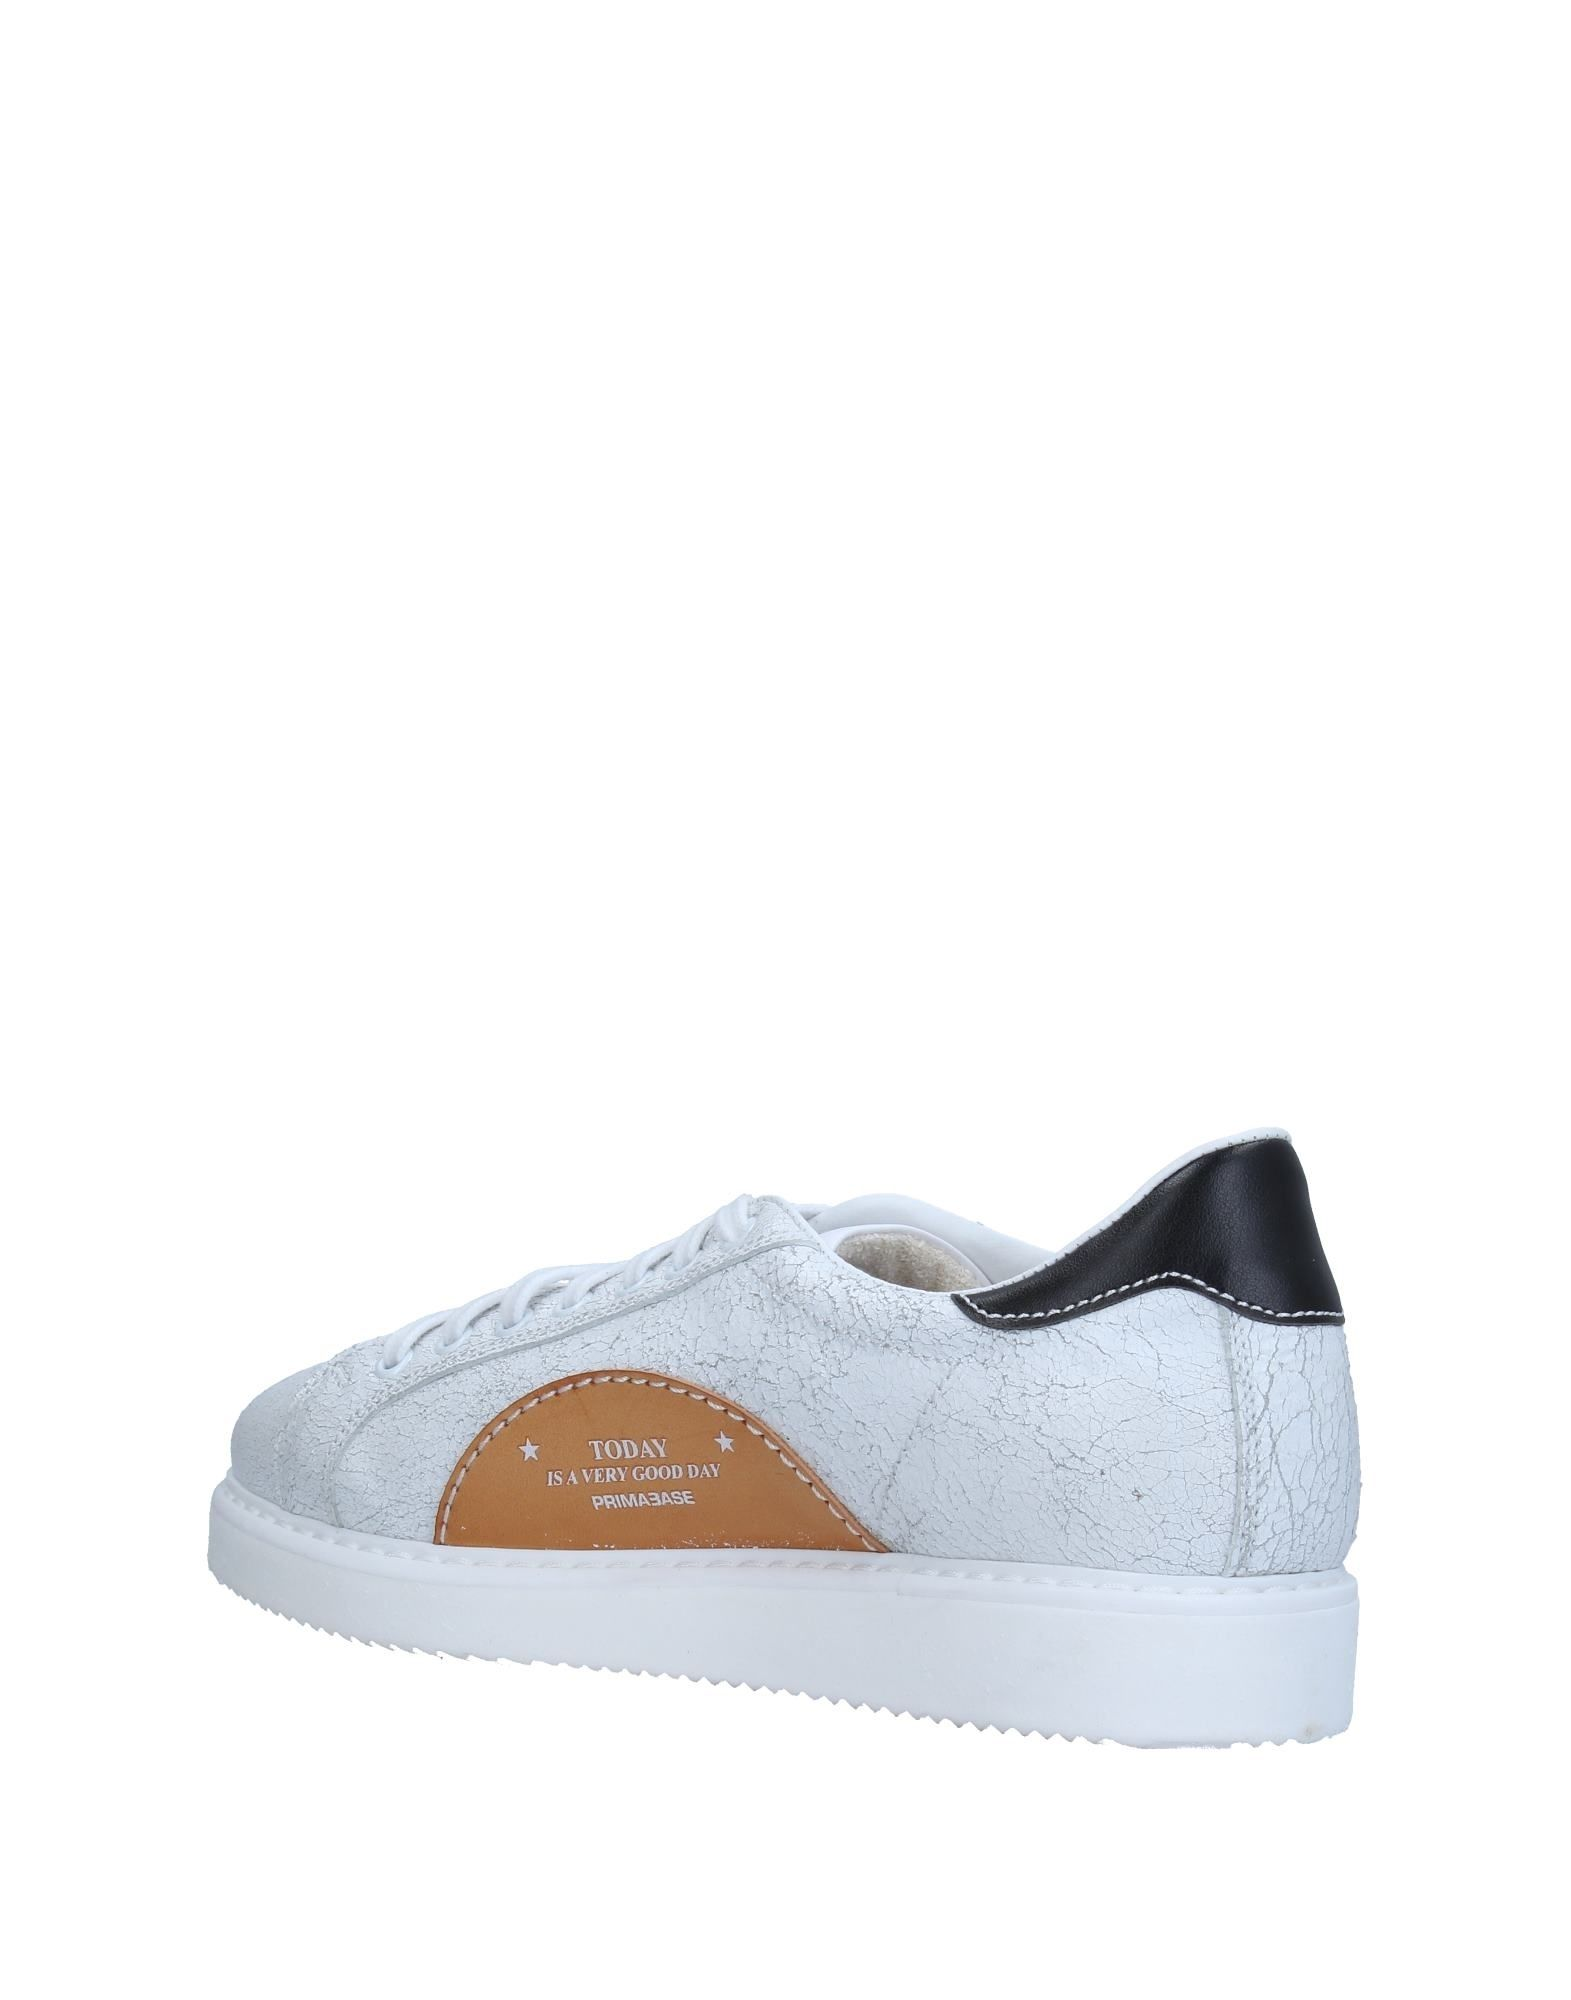 Primabase Sneakers Herren  11332665DL 11332665DL  2804e5